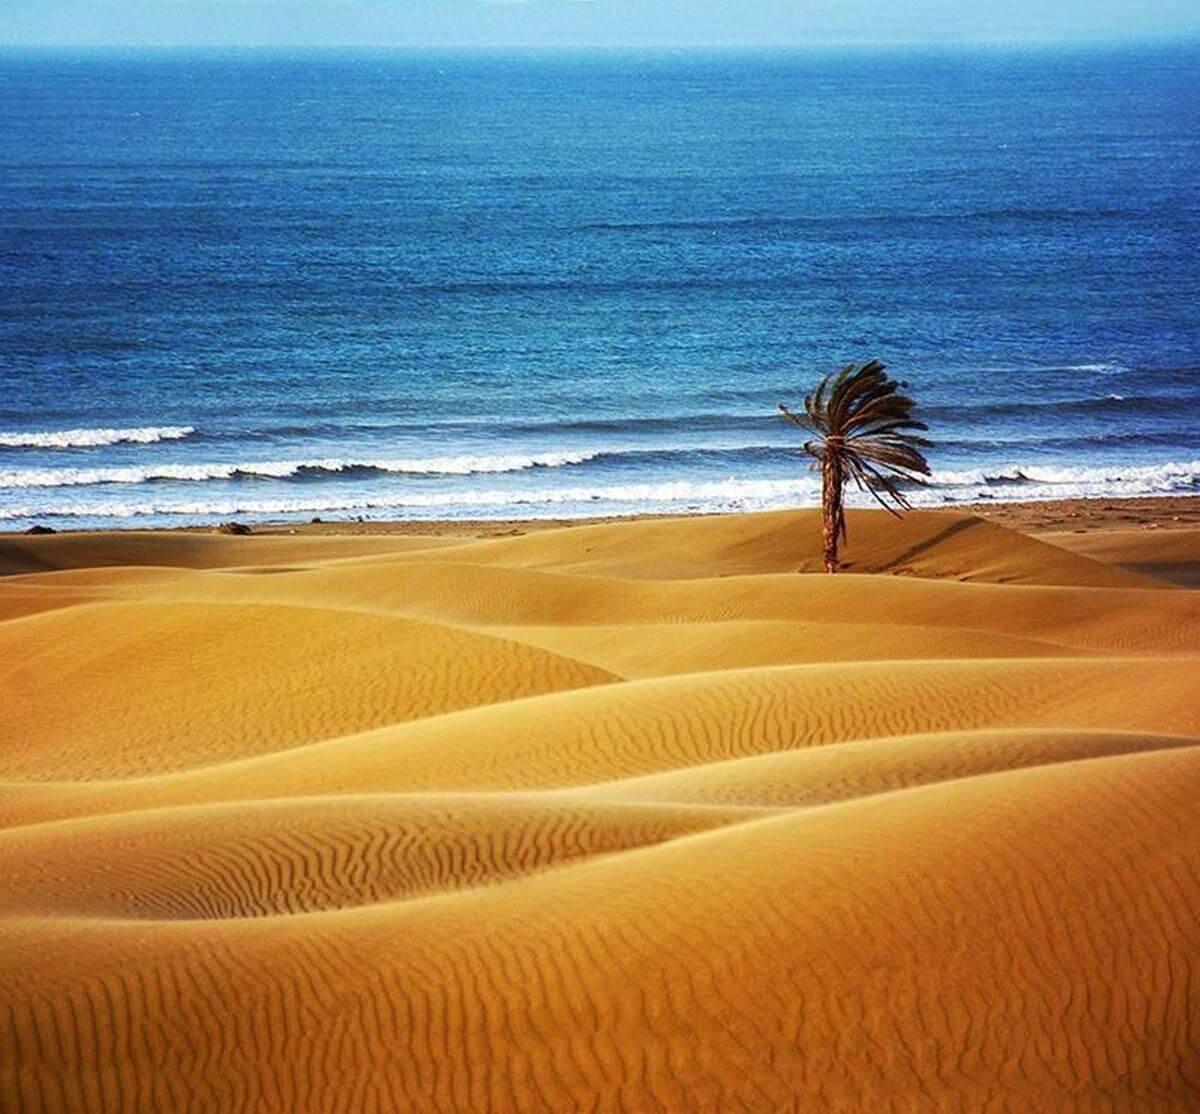 جاذبههای طبیعی و تاریخی سواحل مکران قابلیت ثبت جهانی را دارد